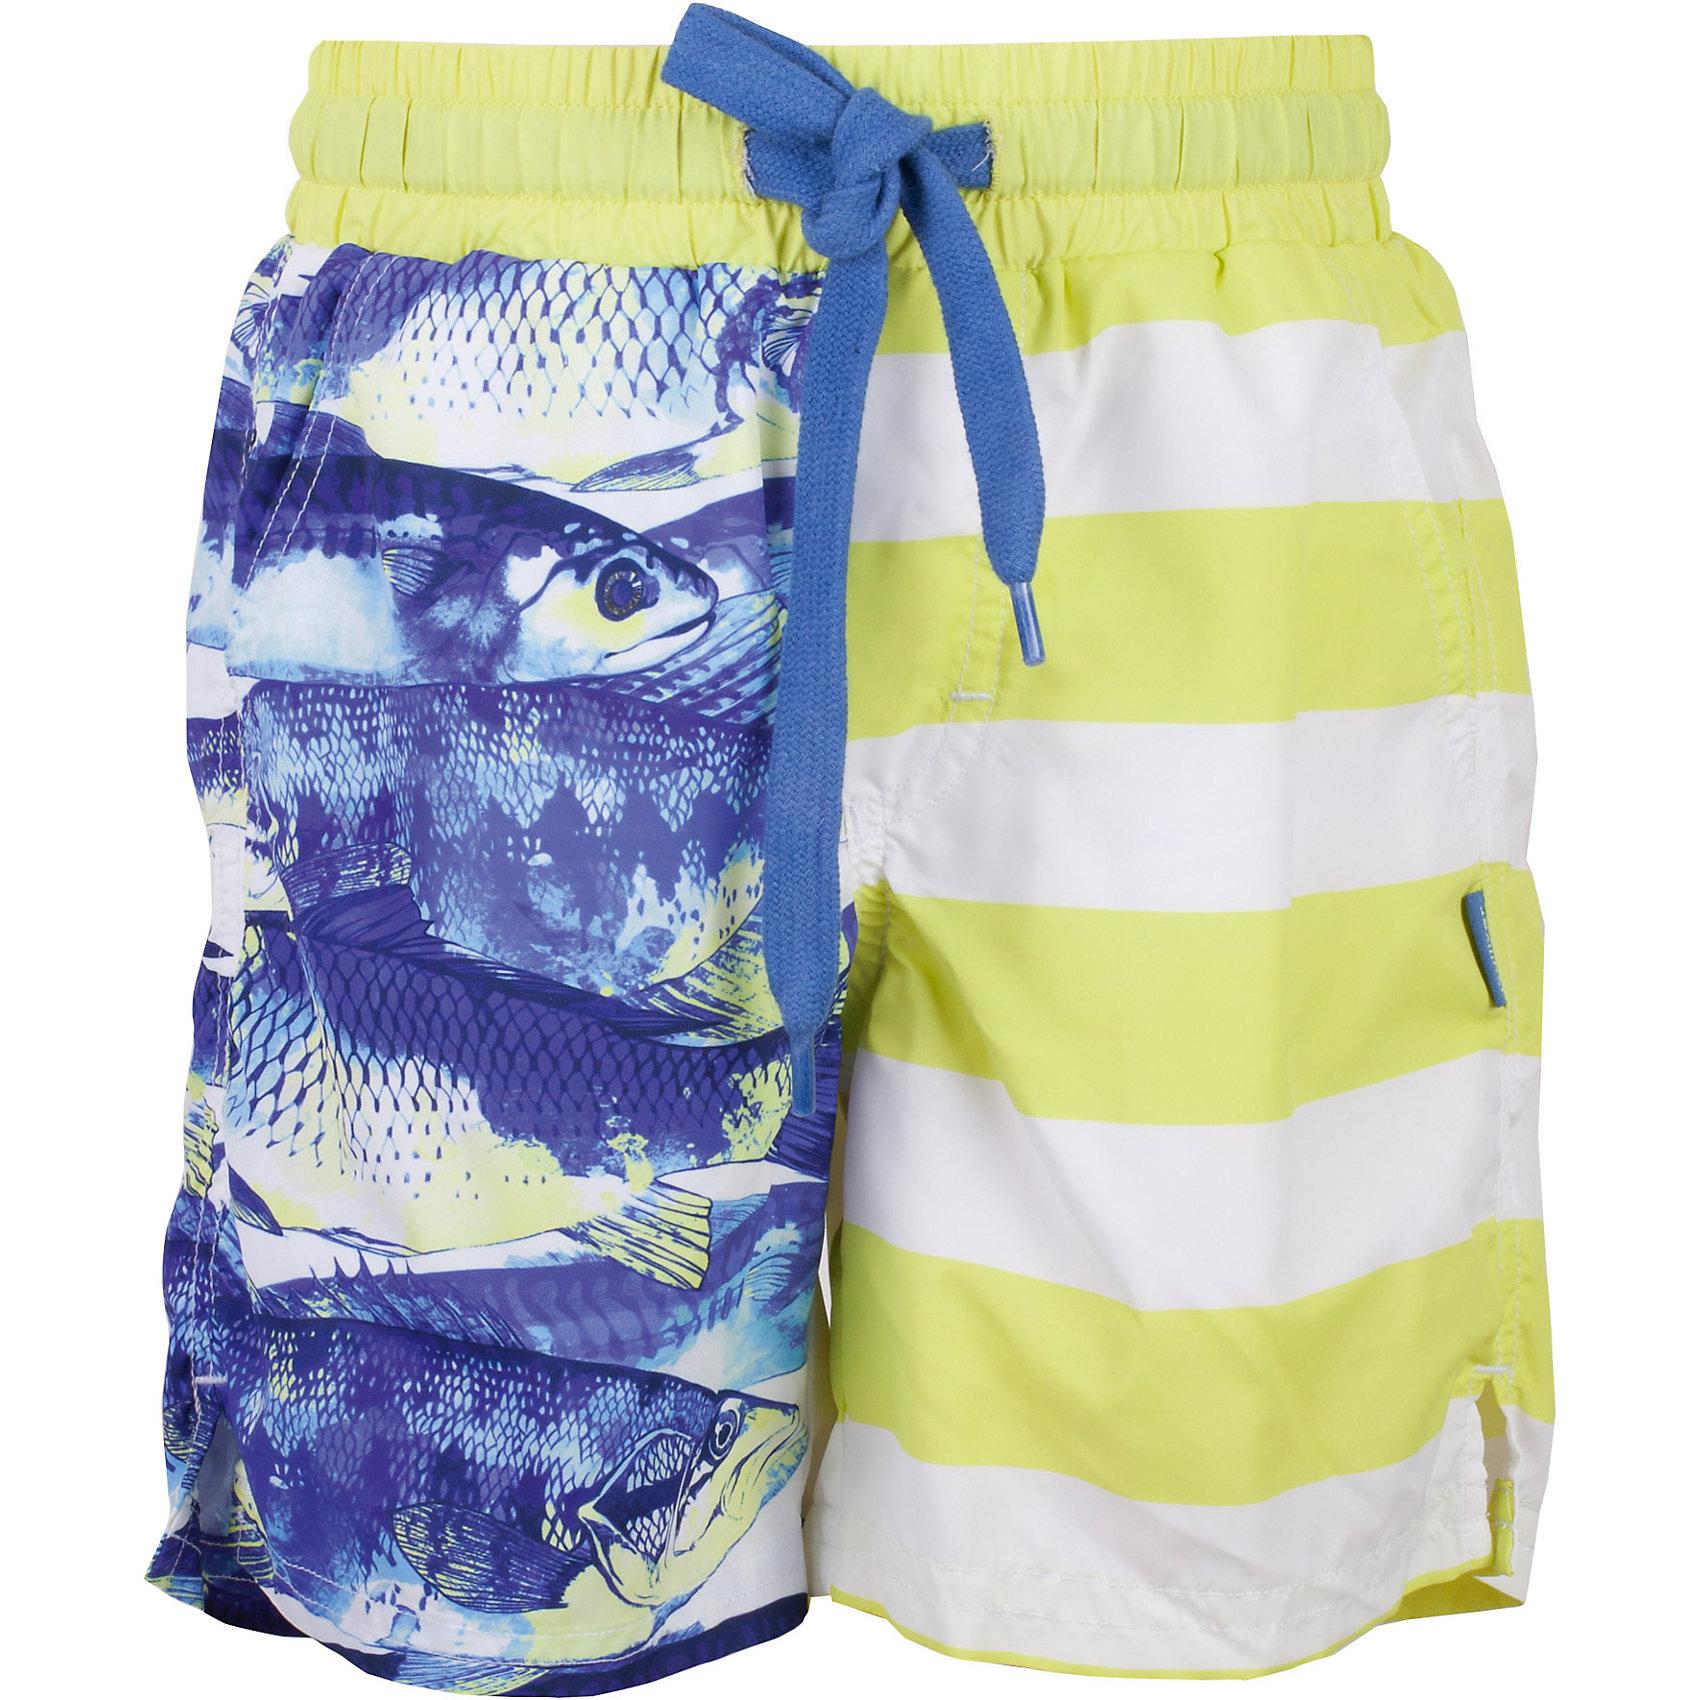 Шорты для мальчика GulliverЕсли вы планируете провести свой отпуск у моря, вам необходимо купить классные плавательные шорты для мальчика, ведь они - главная модель пляжного отдыха! Но помните, выбор плавок - ответственная задача! Они должны быть яркими, комфортными, удобными, не стеснять движений, быстро сохнуть и, главное, нравиться своему обладателю! Модные плавательные шорты с эффектной комбинацией крупной полоски и оригинального принта из коллекции Сардиния - отличный вариант для отдыха у воды!<br>Состав:<br>верх:               100% полиэстер; подкладка:                      100% полиэстер<br><br>Ширина мм: 191<br>Глубина мм: 10<br>Высота мм: 175<br>Вес г: 273<br>Цвет: зеленый<br>Возраст от месяцев: 96<br>Возраст до месяцев: 108<br>Пол: Мужской<br>Возраст: Детский<br>Размер: 134,122<br>SKU: 5482972